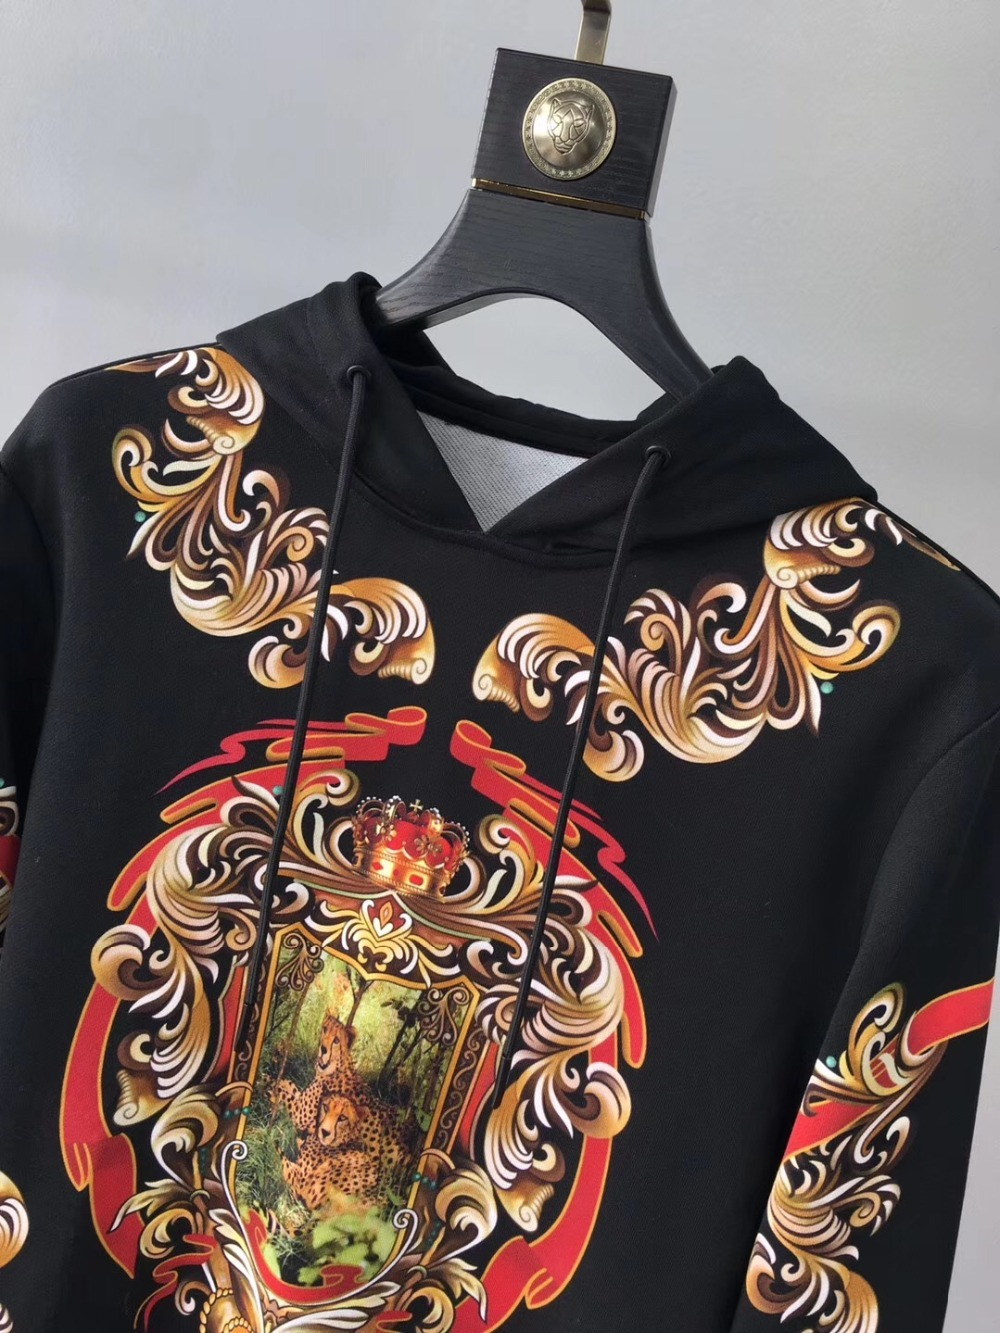 2019 Весна Новое поступление моды цветок цветочный Леопардовый принт Ретро винтажные мужские свитера и толстовки Дизайнерская одежда - 2